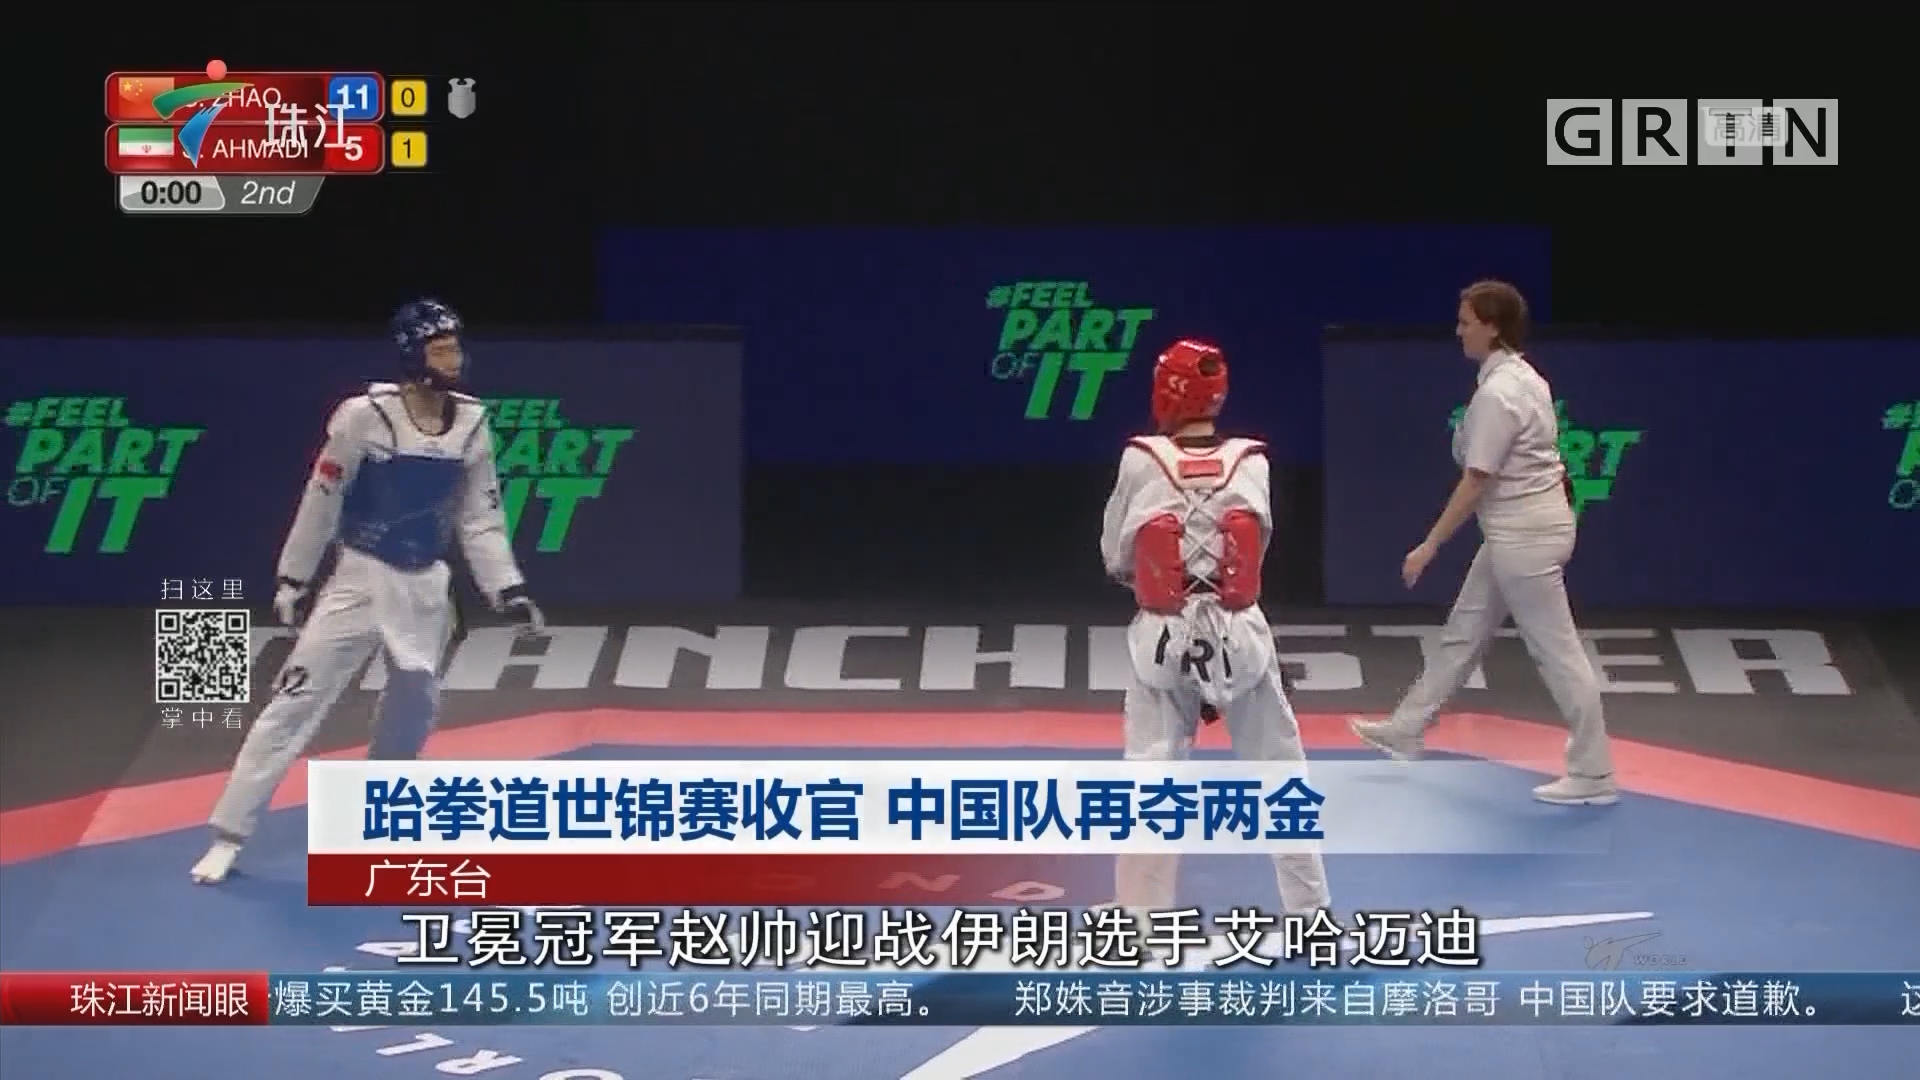 跆拳道世錦賽收官 中國隊再奪兩金